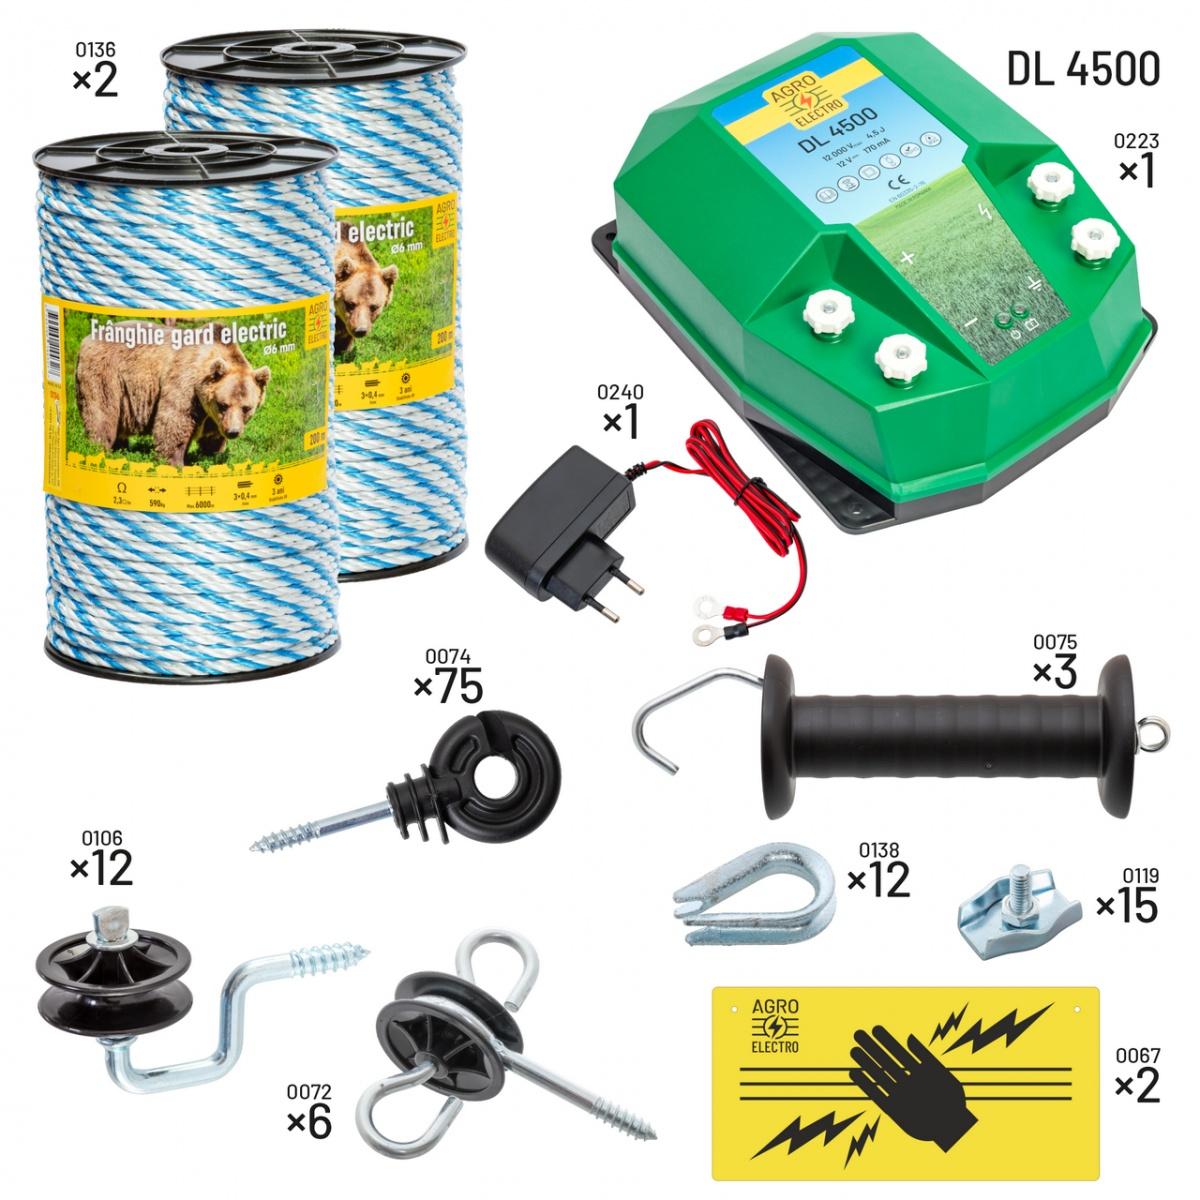 Villanypásztor csomag méhészeknek. DL4500-as készülékkel, 230V-os táplálással